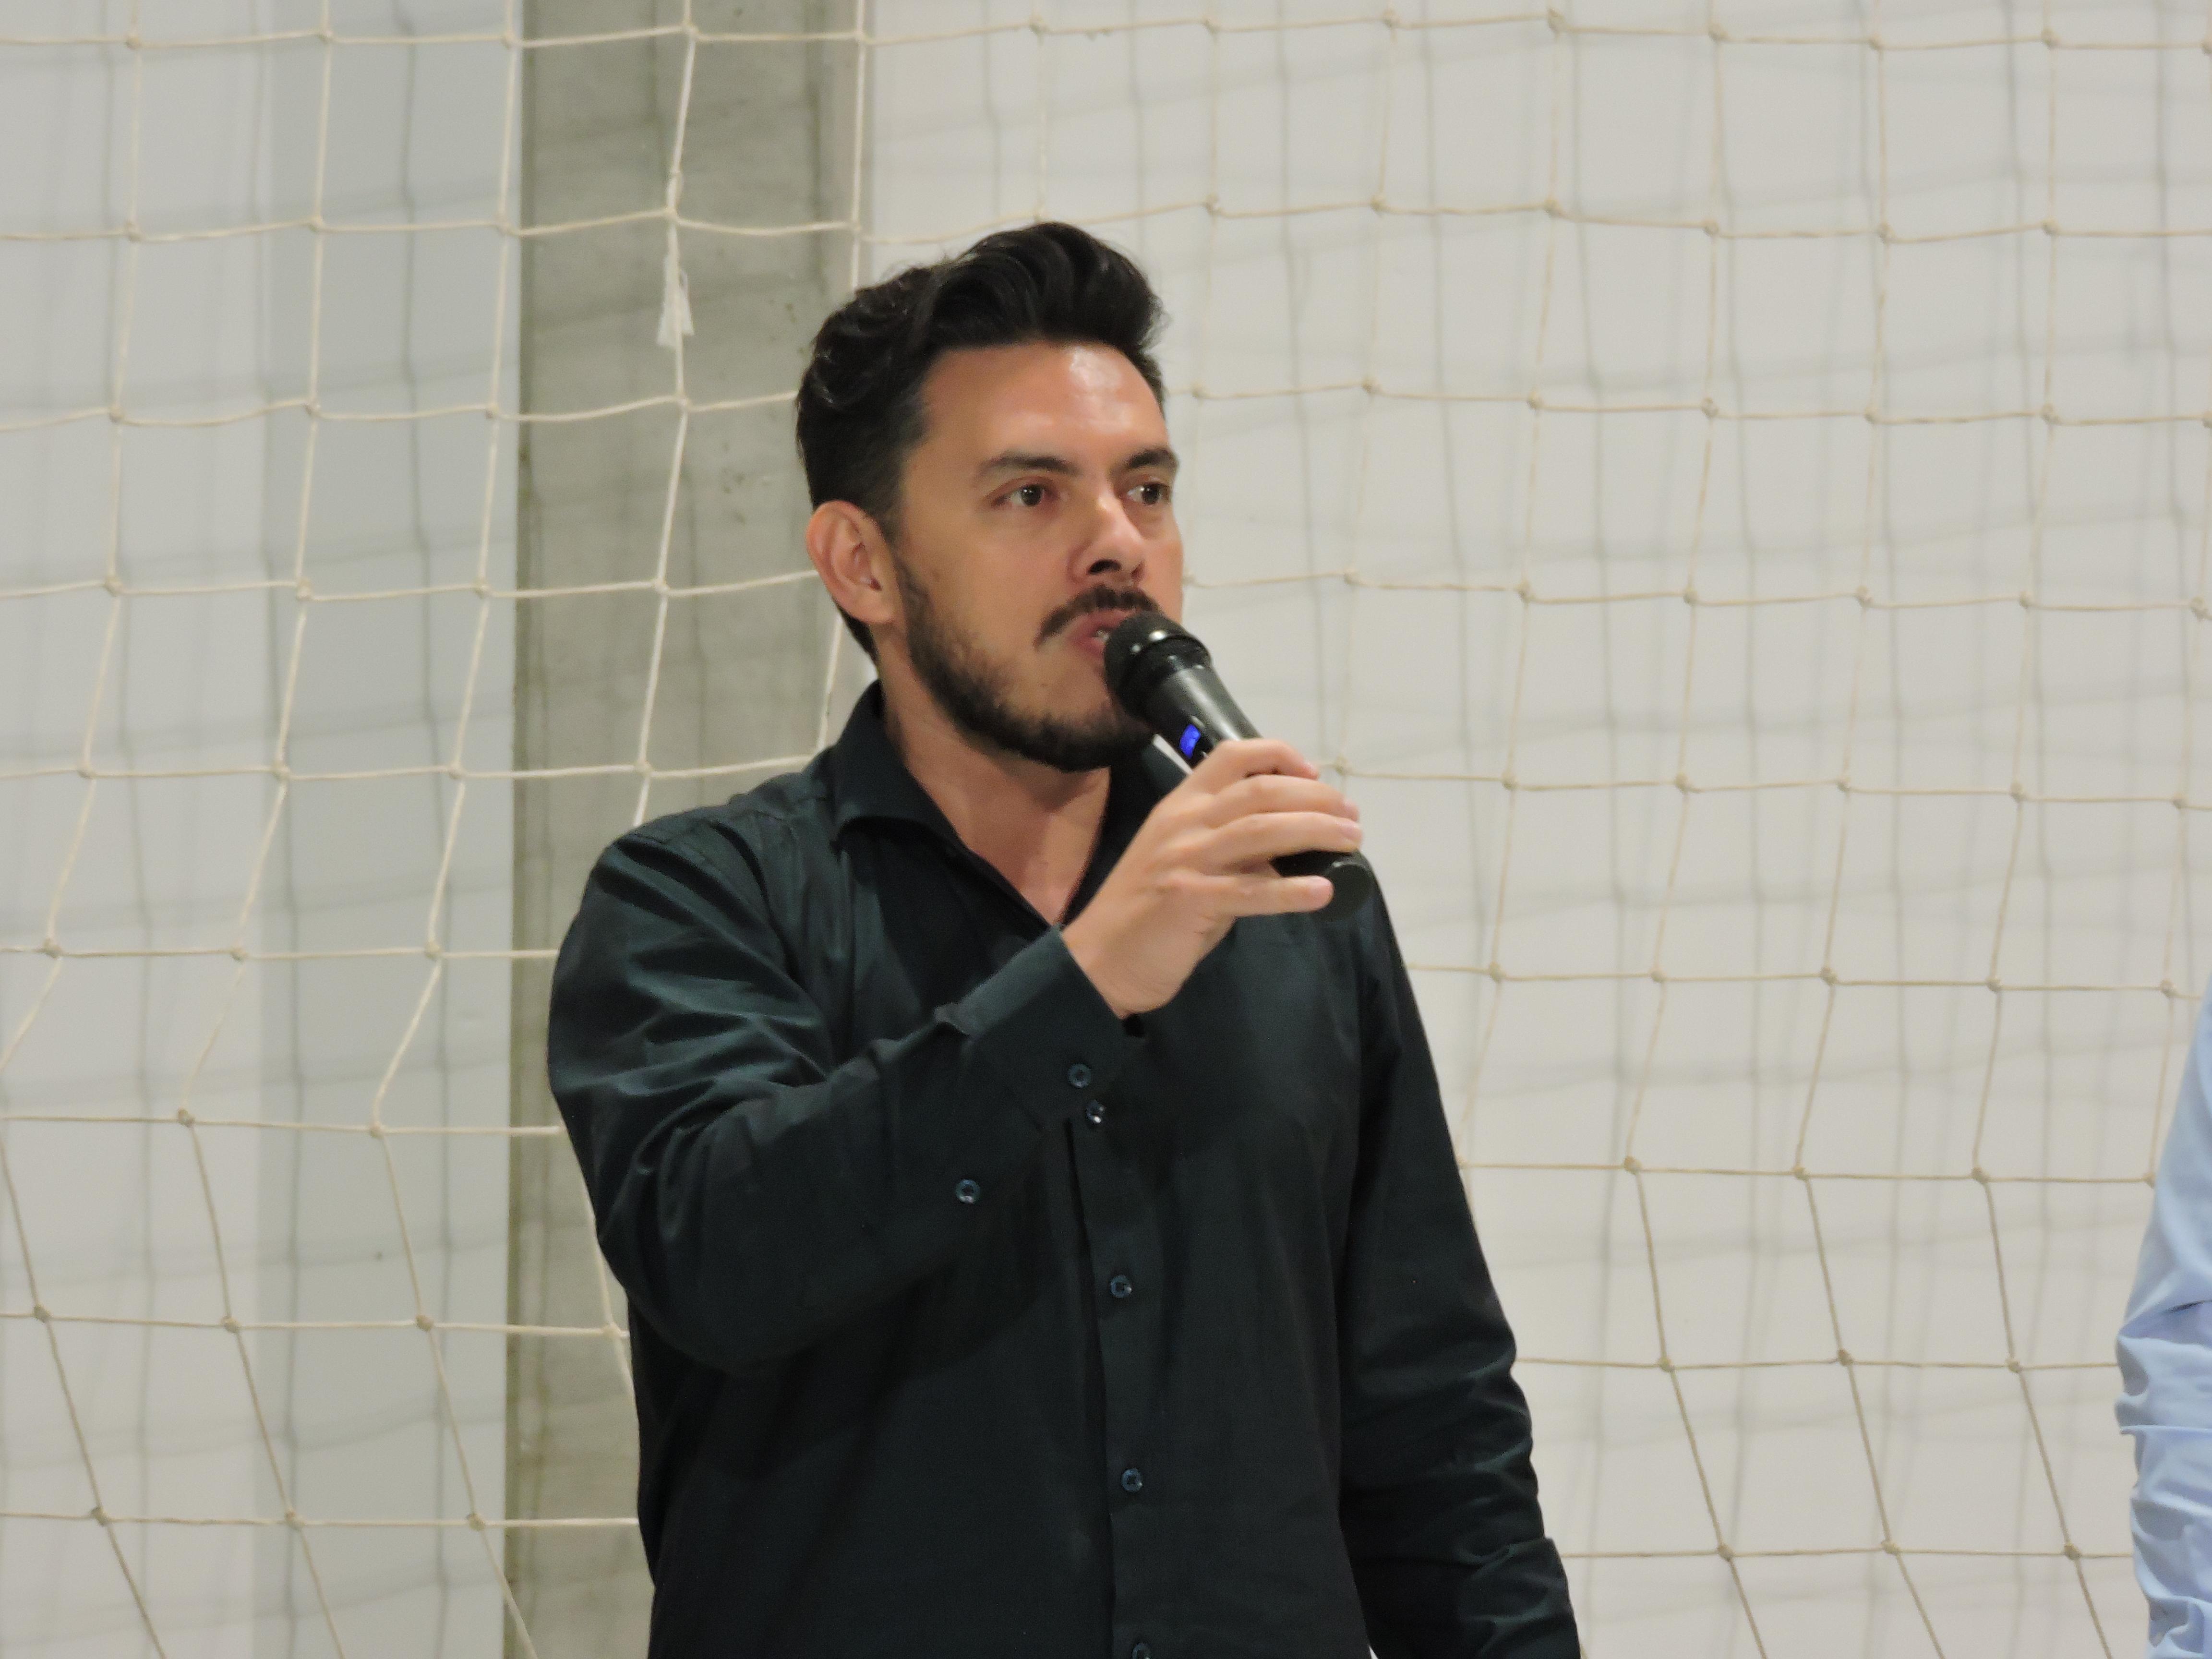 Juliano de Sá, representando a Comissão de Segurança e Serviços Públicos da Assembléia Legislativa